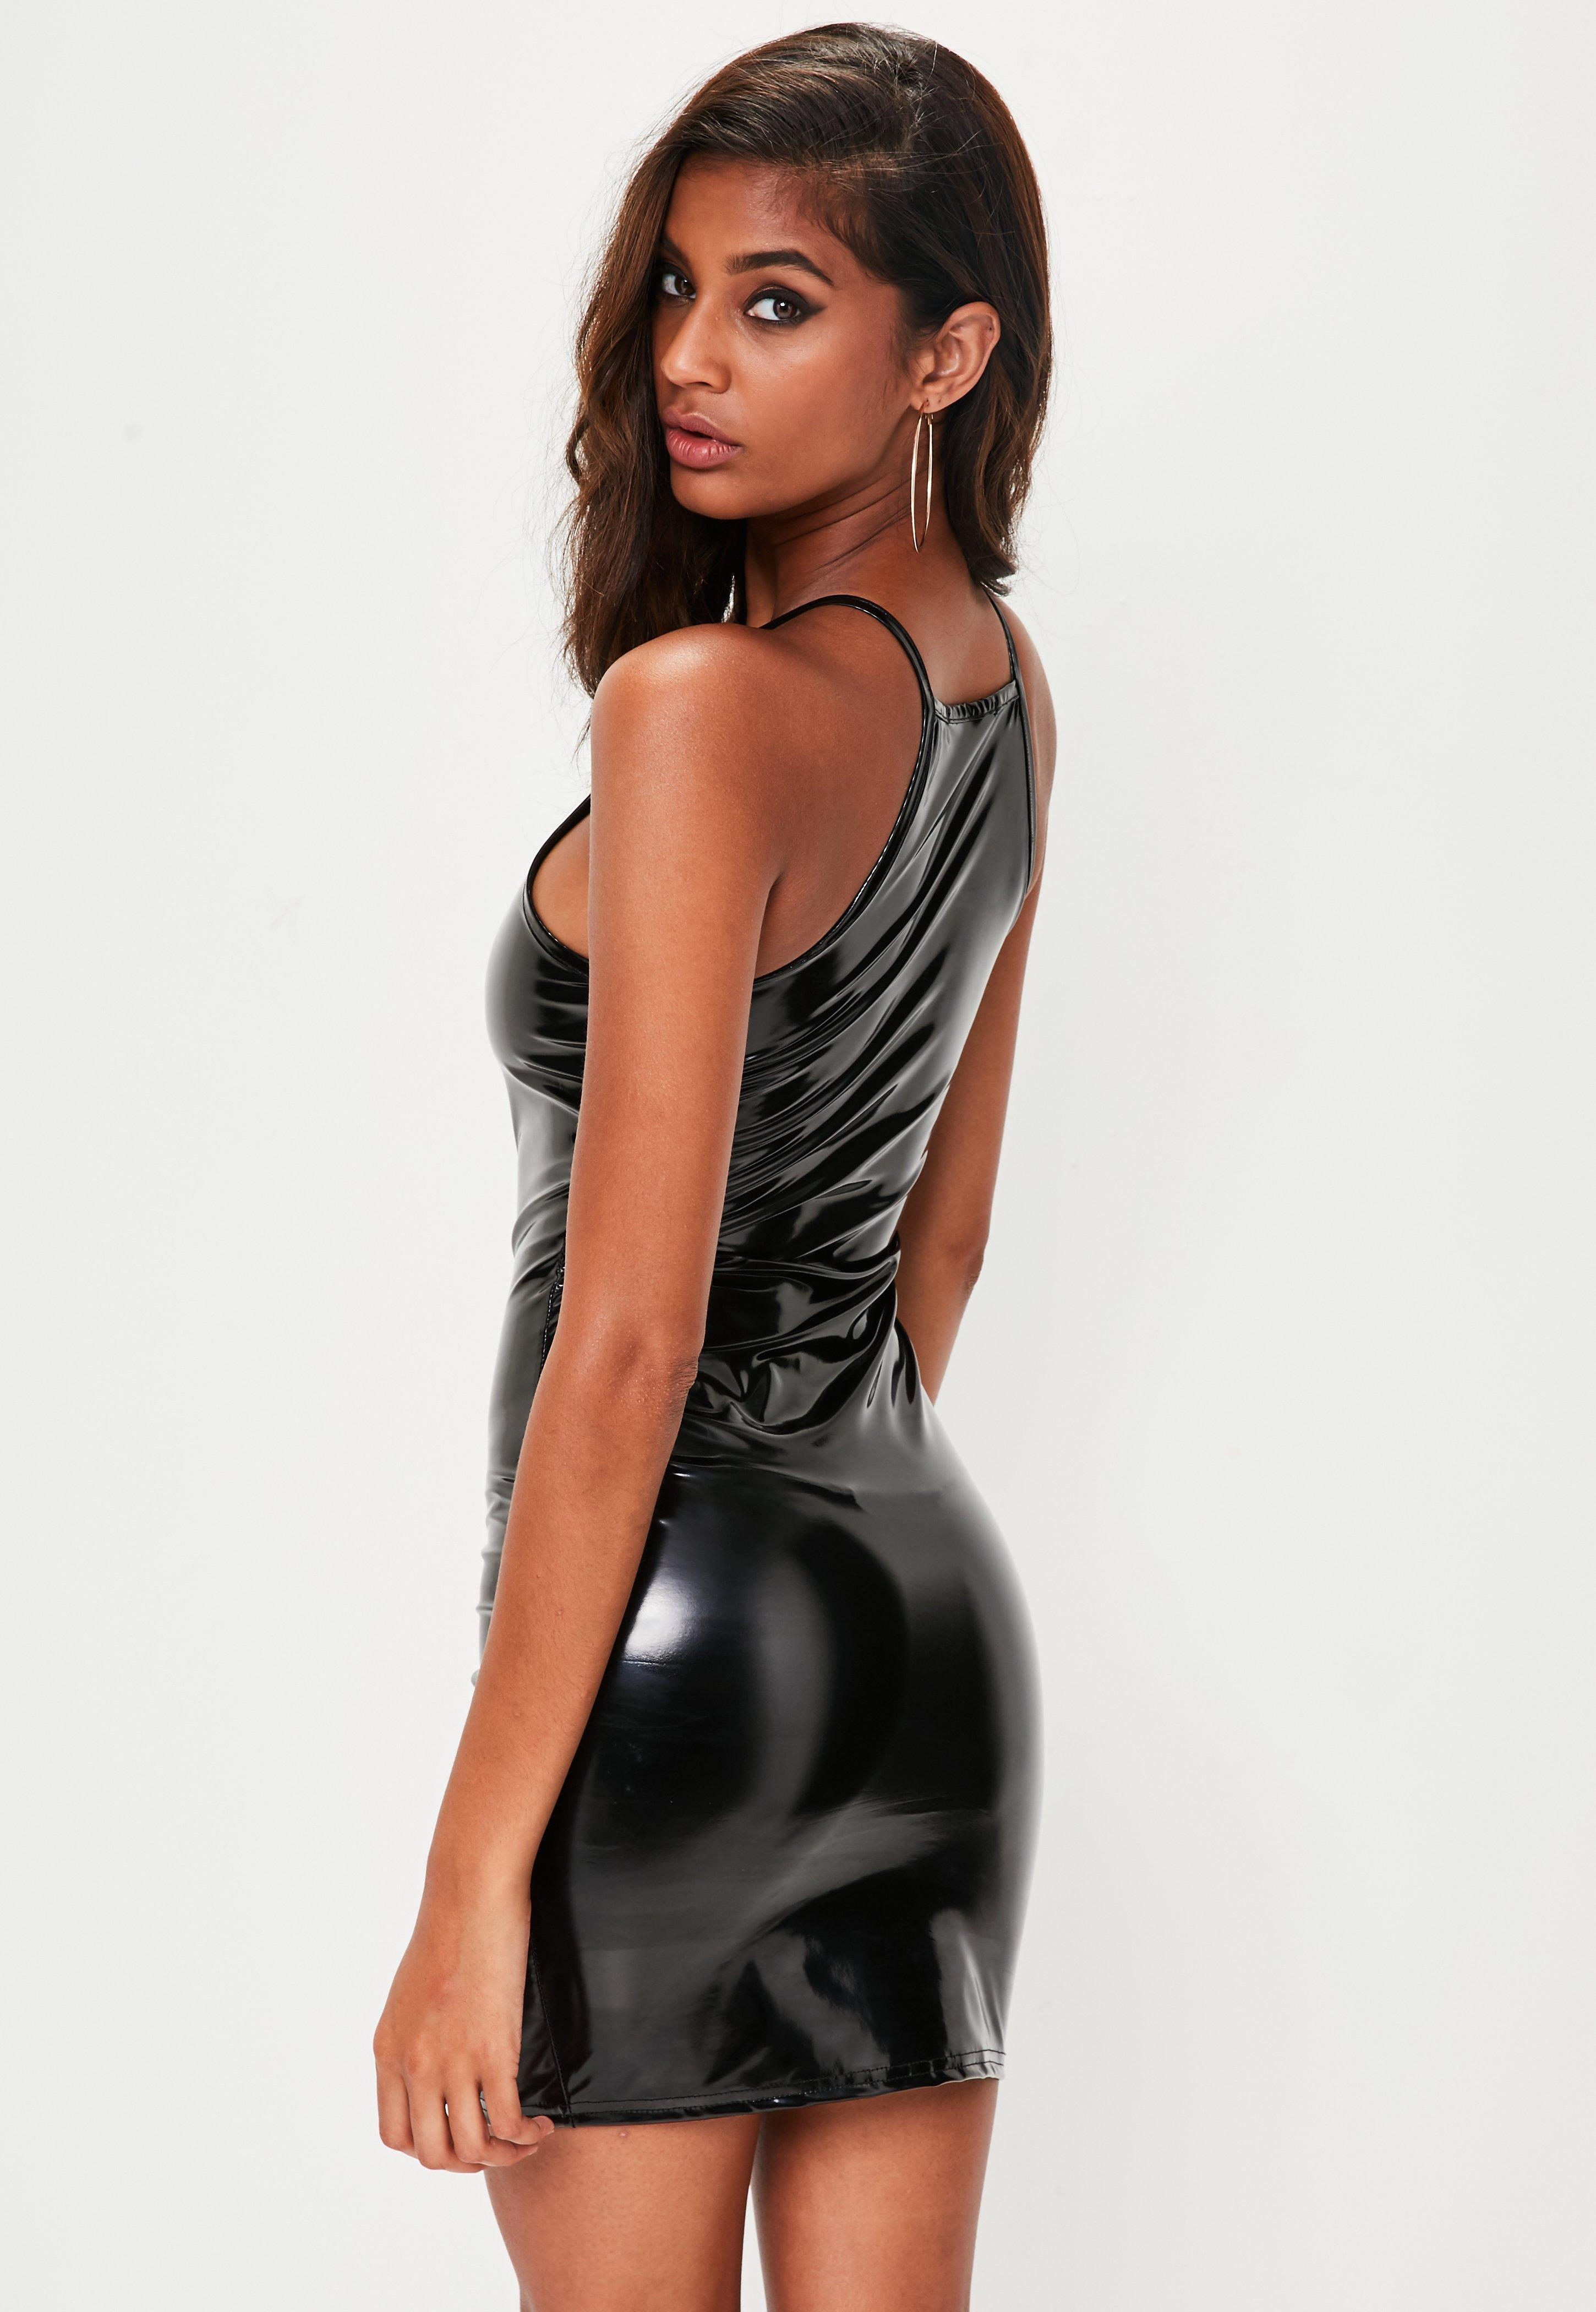 Missguided velvet racer high neck midi dress black in black lyst - Missguided Black Vinyl Bodycon Dress Lyst View Fullscreen